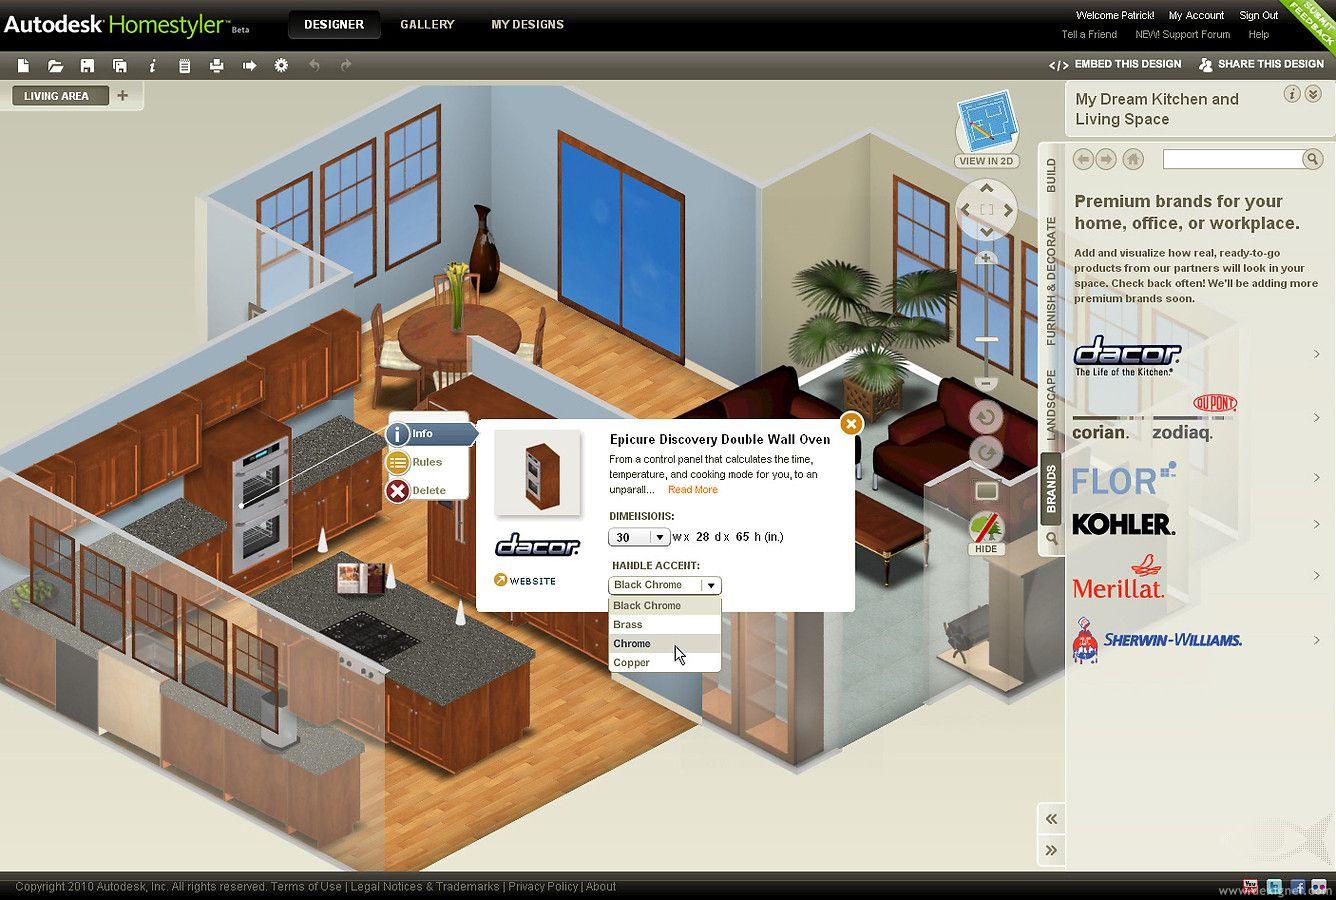 免費在線室內設計軟體 Autodesk Homestyler Home design software